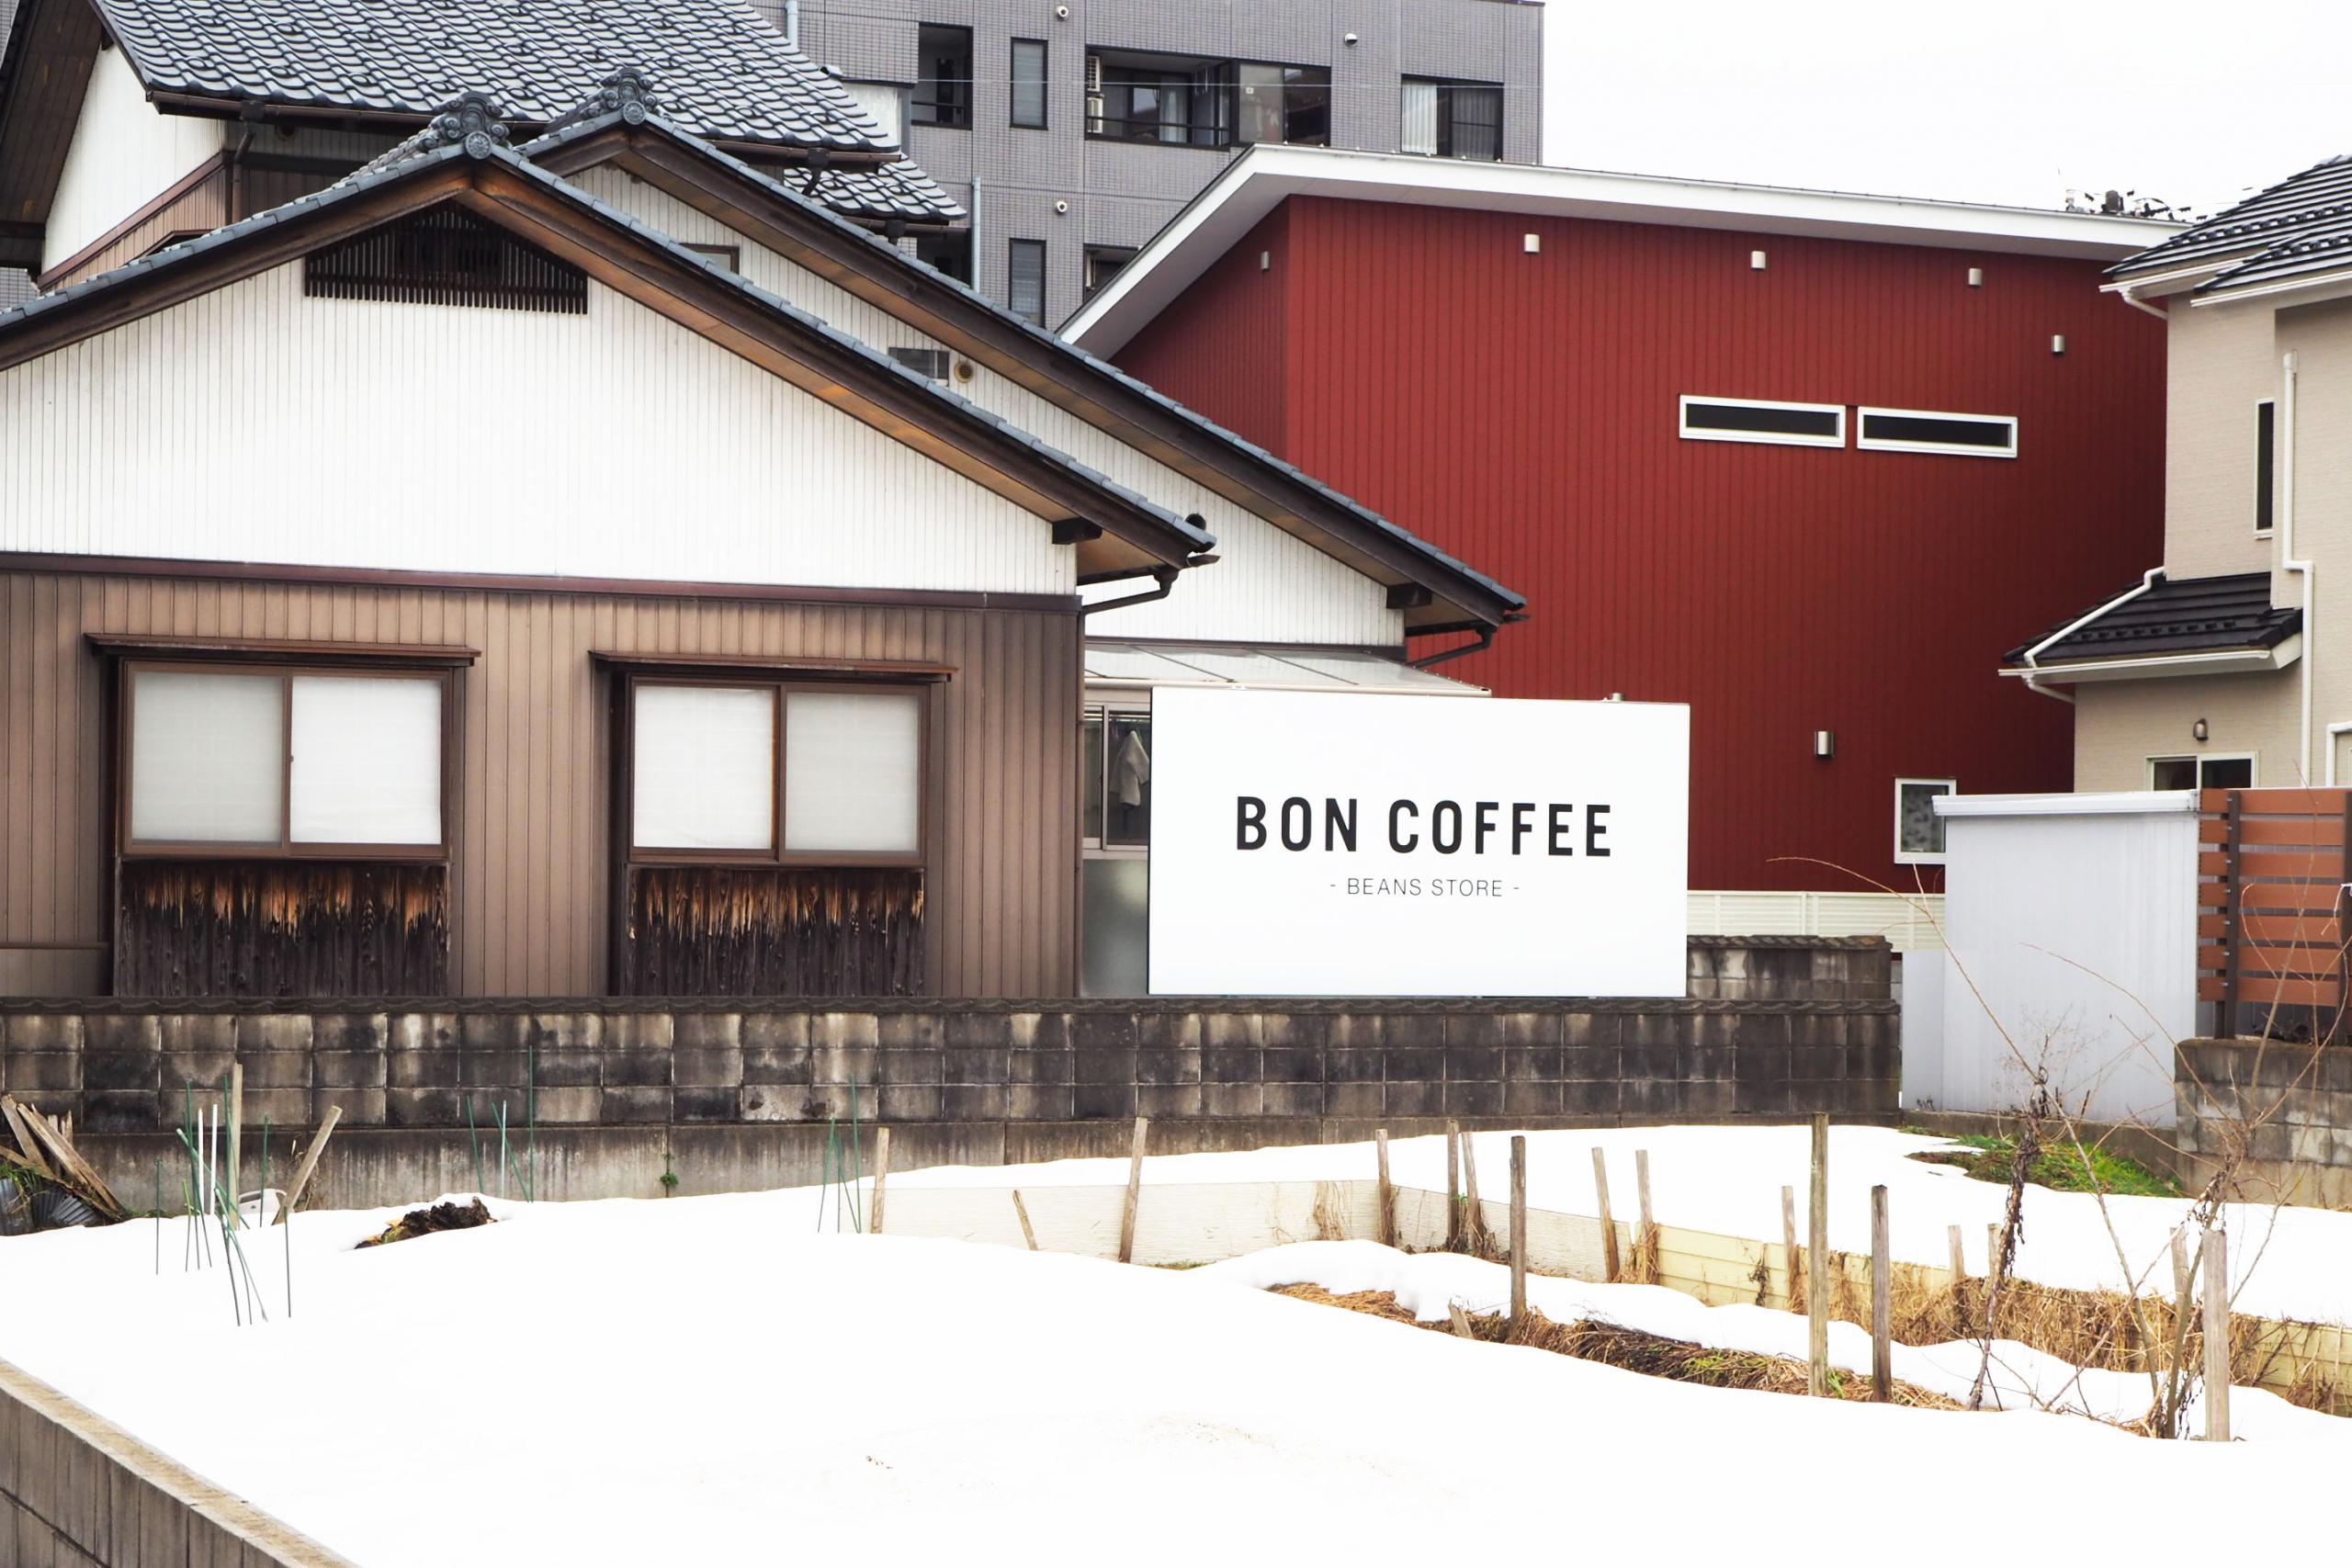 福井駅前浪漫飛行1「僕は駅前が好きだった」BON COFFEE山川哲司さん